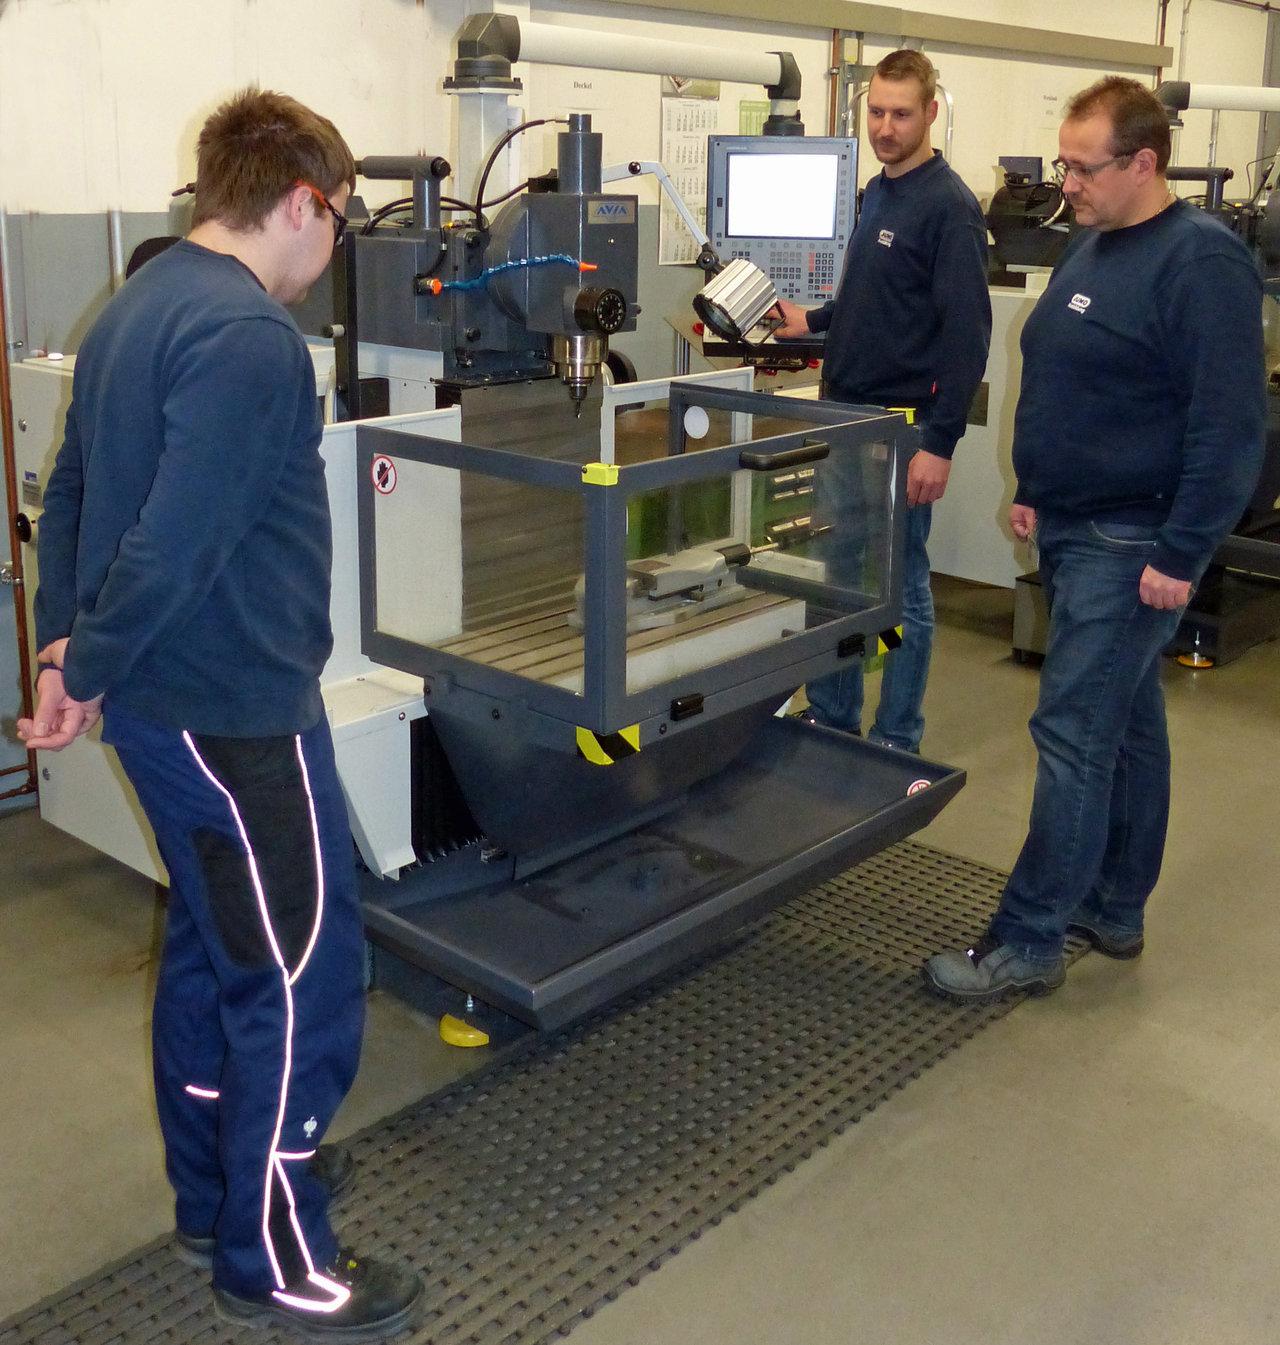 ie Ausbilder Sebastian Krenzer (Mitte) und Frank Decher (Rechts) erläutern dem Auszubildenden Simon Grohmann (links) die Bedienung einer der beiden neuen Fräsmaschinen.